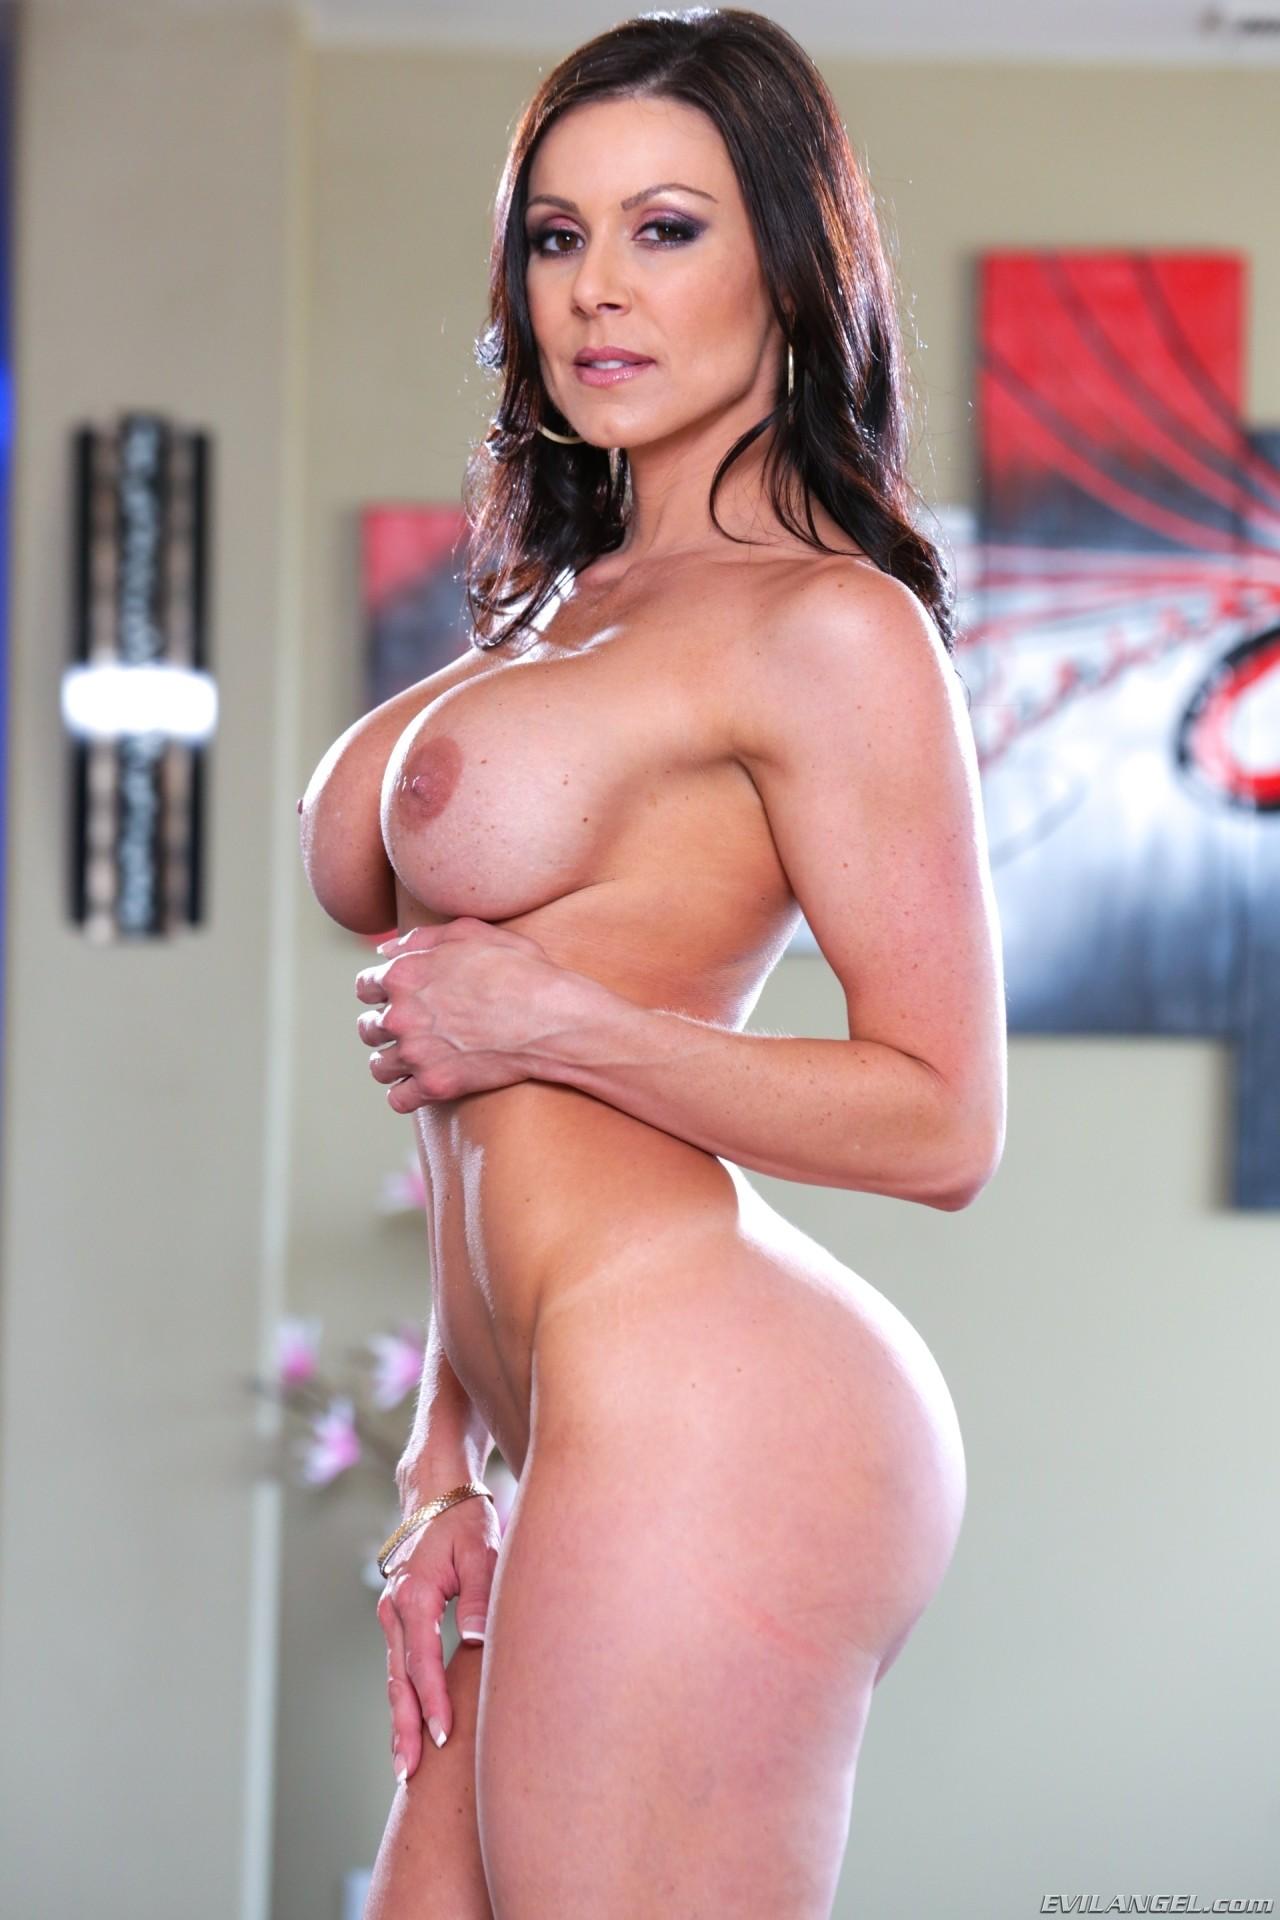 Big tits personal trainer - 2 part 8